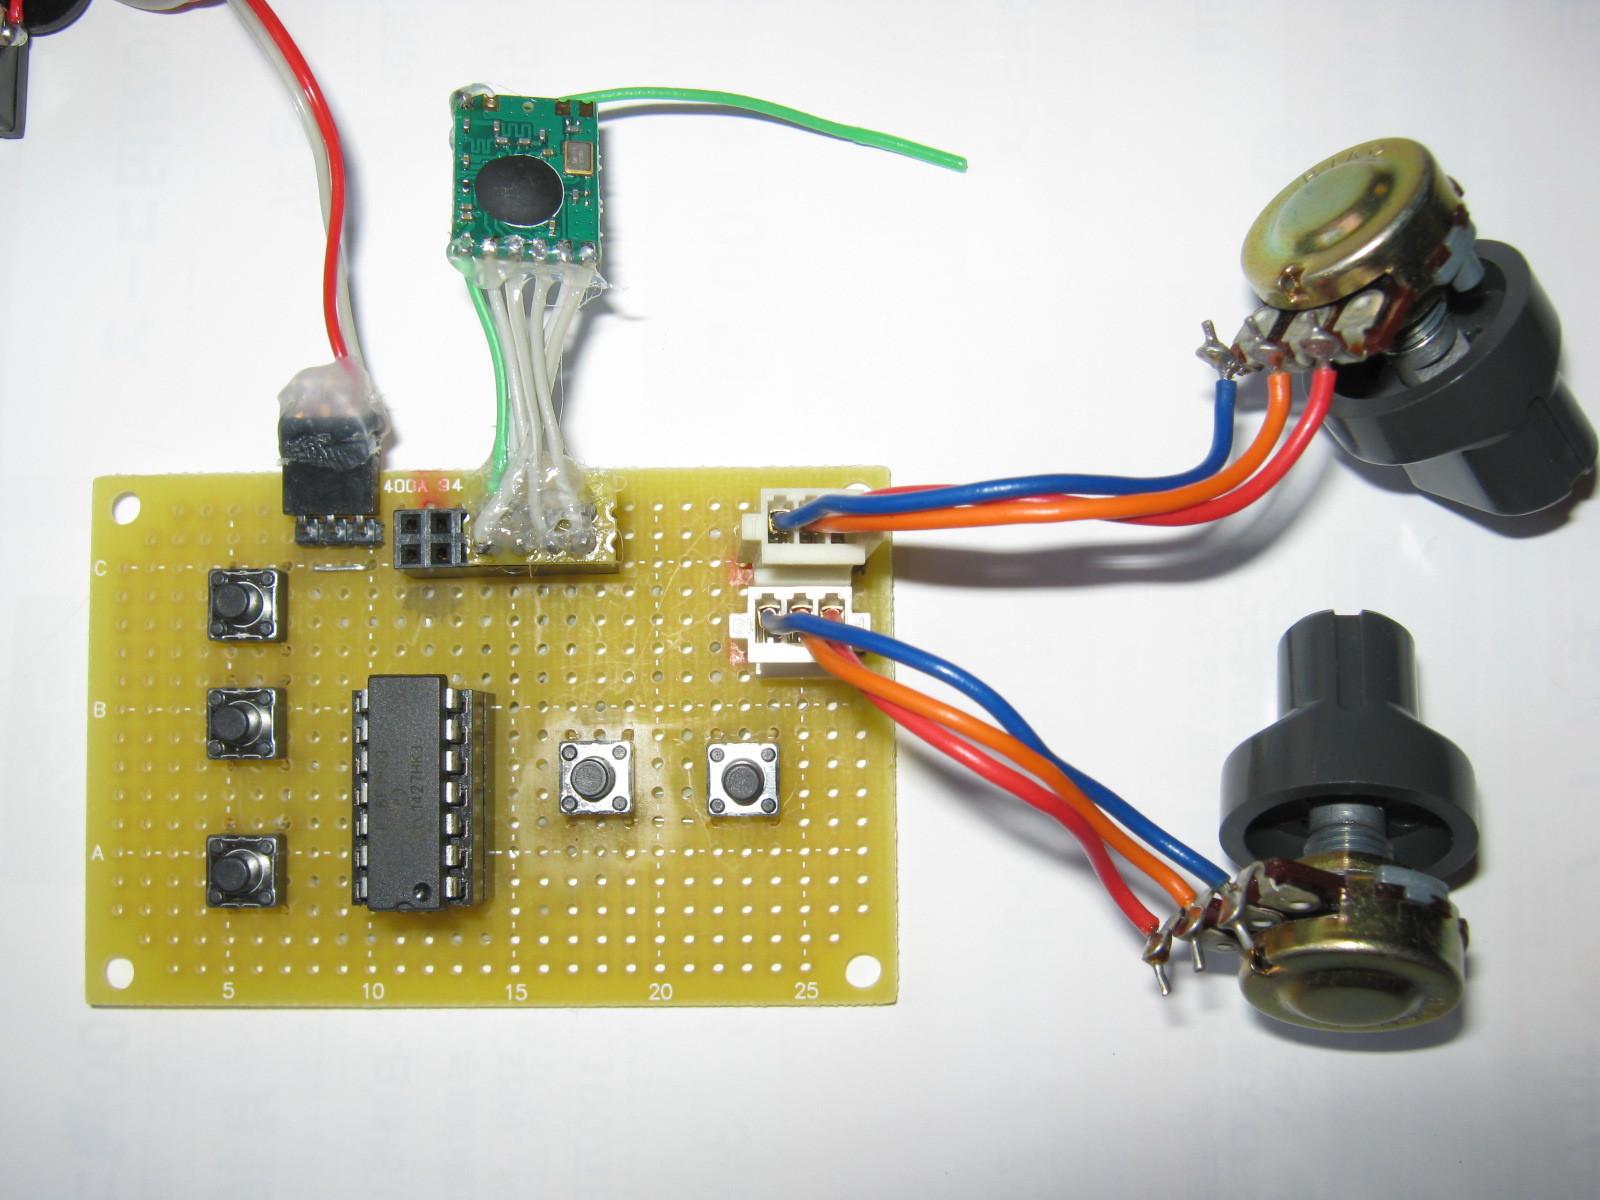 2.4GHzラジコン用ファームウェア製作(CC2500)送信側